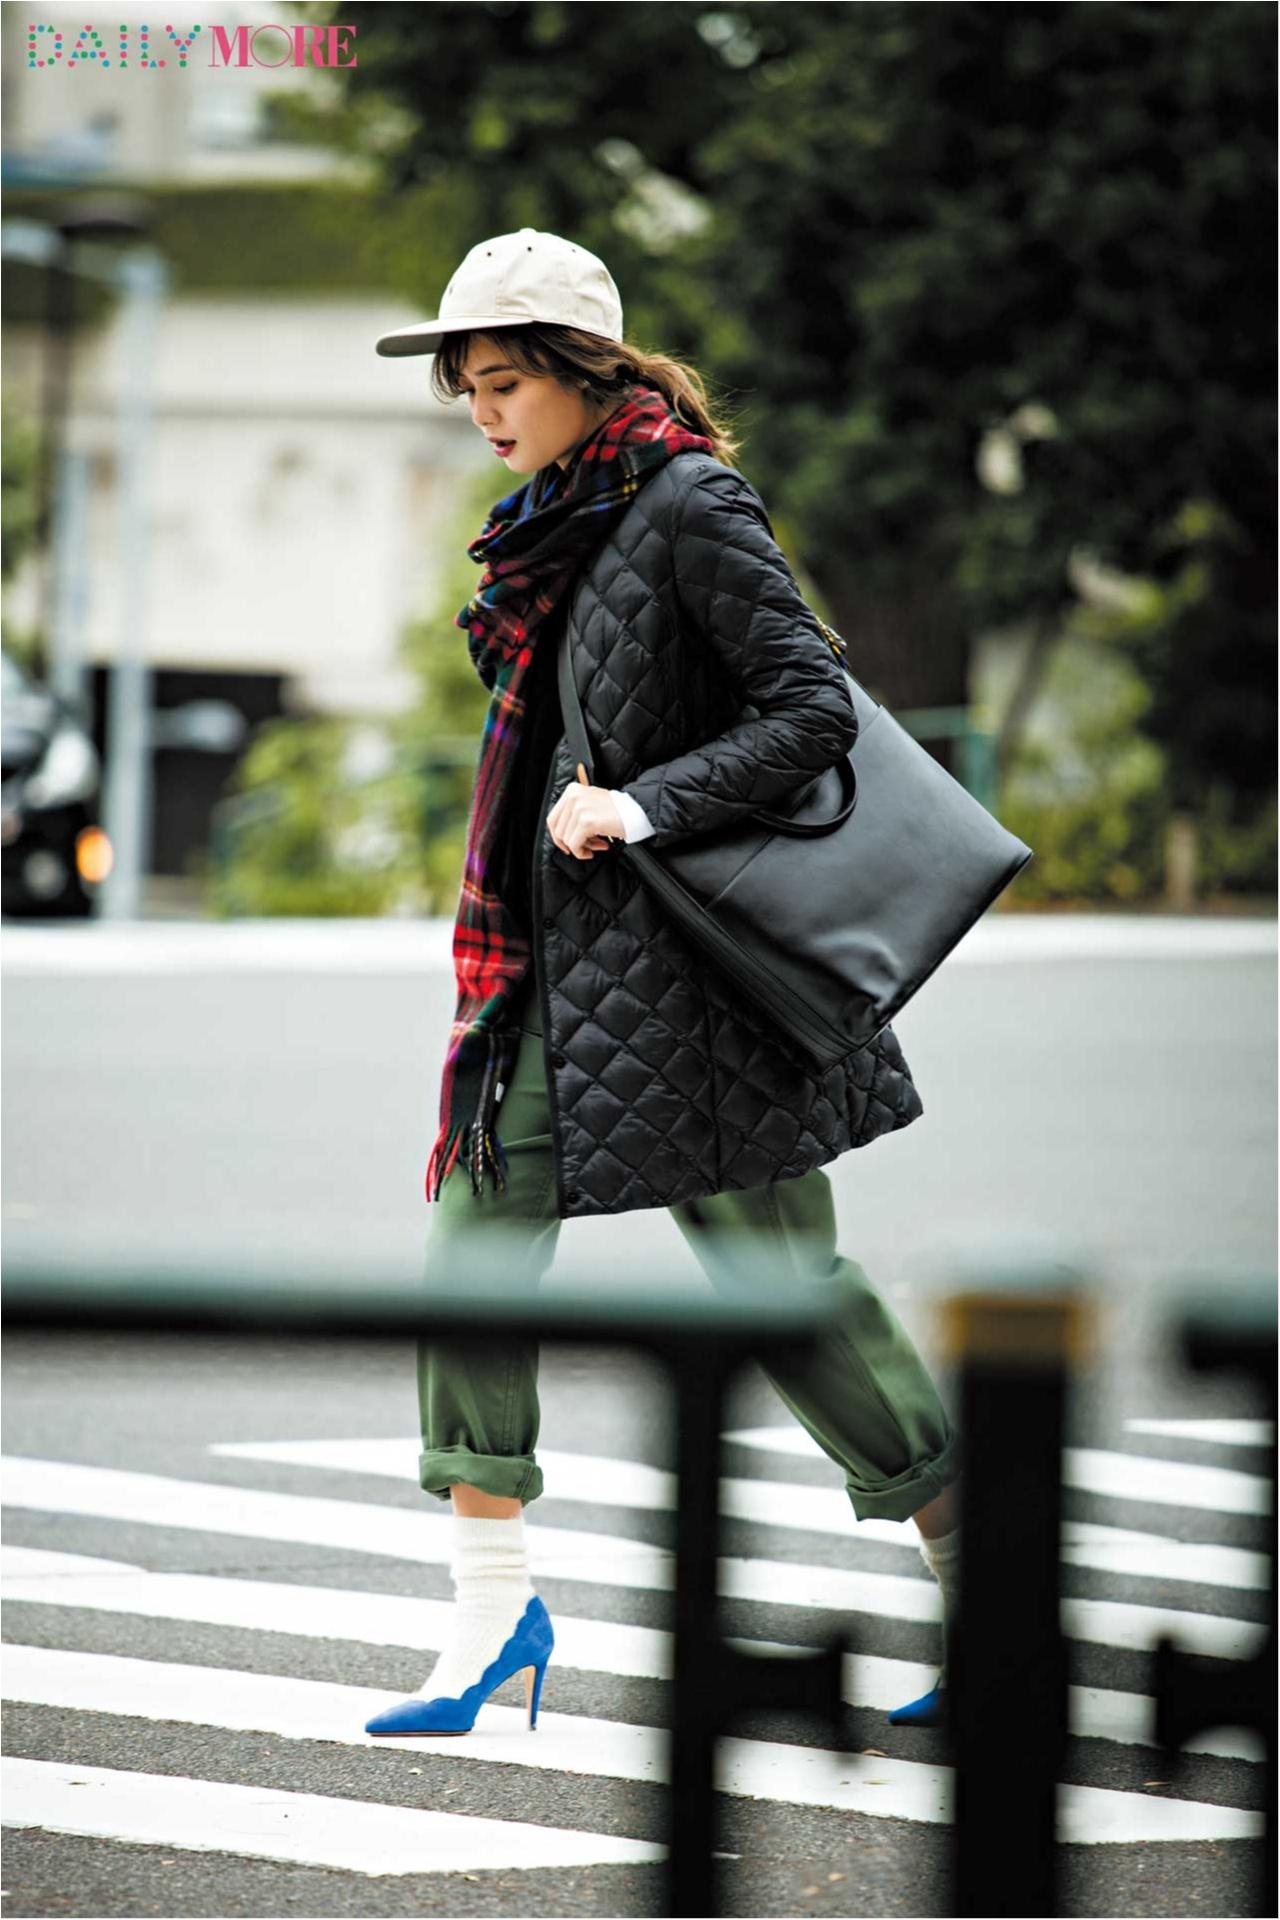 【今日のコーデ/岸本セシル】パンツカジュアルで出かける日曜日は美人な足もとで差をつけて。_1